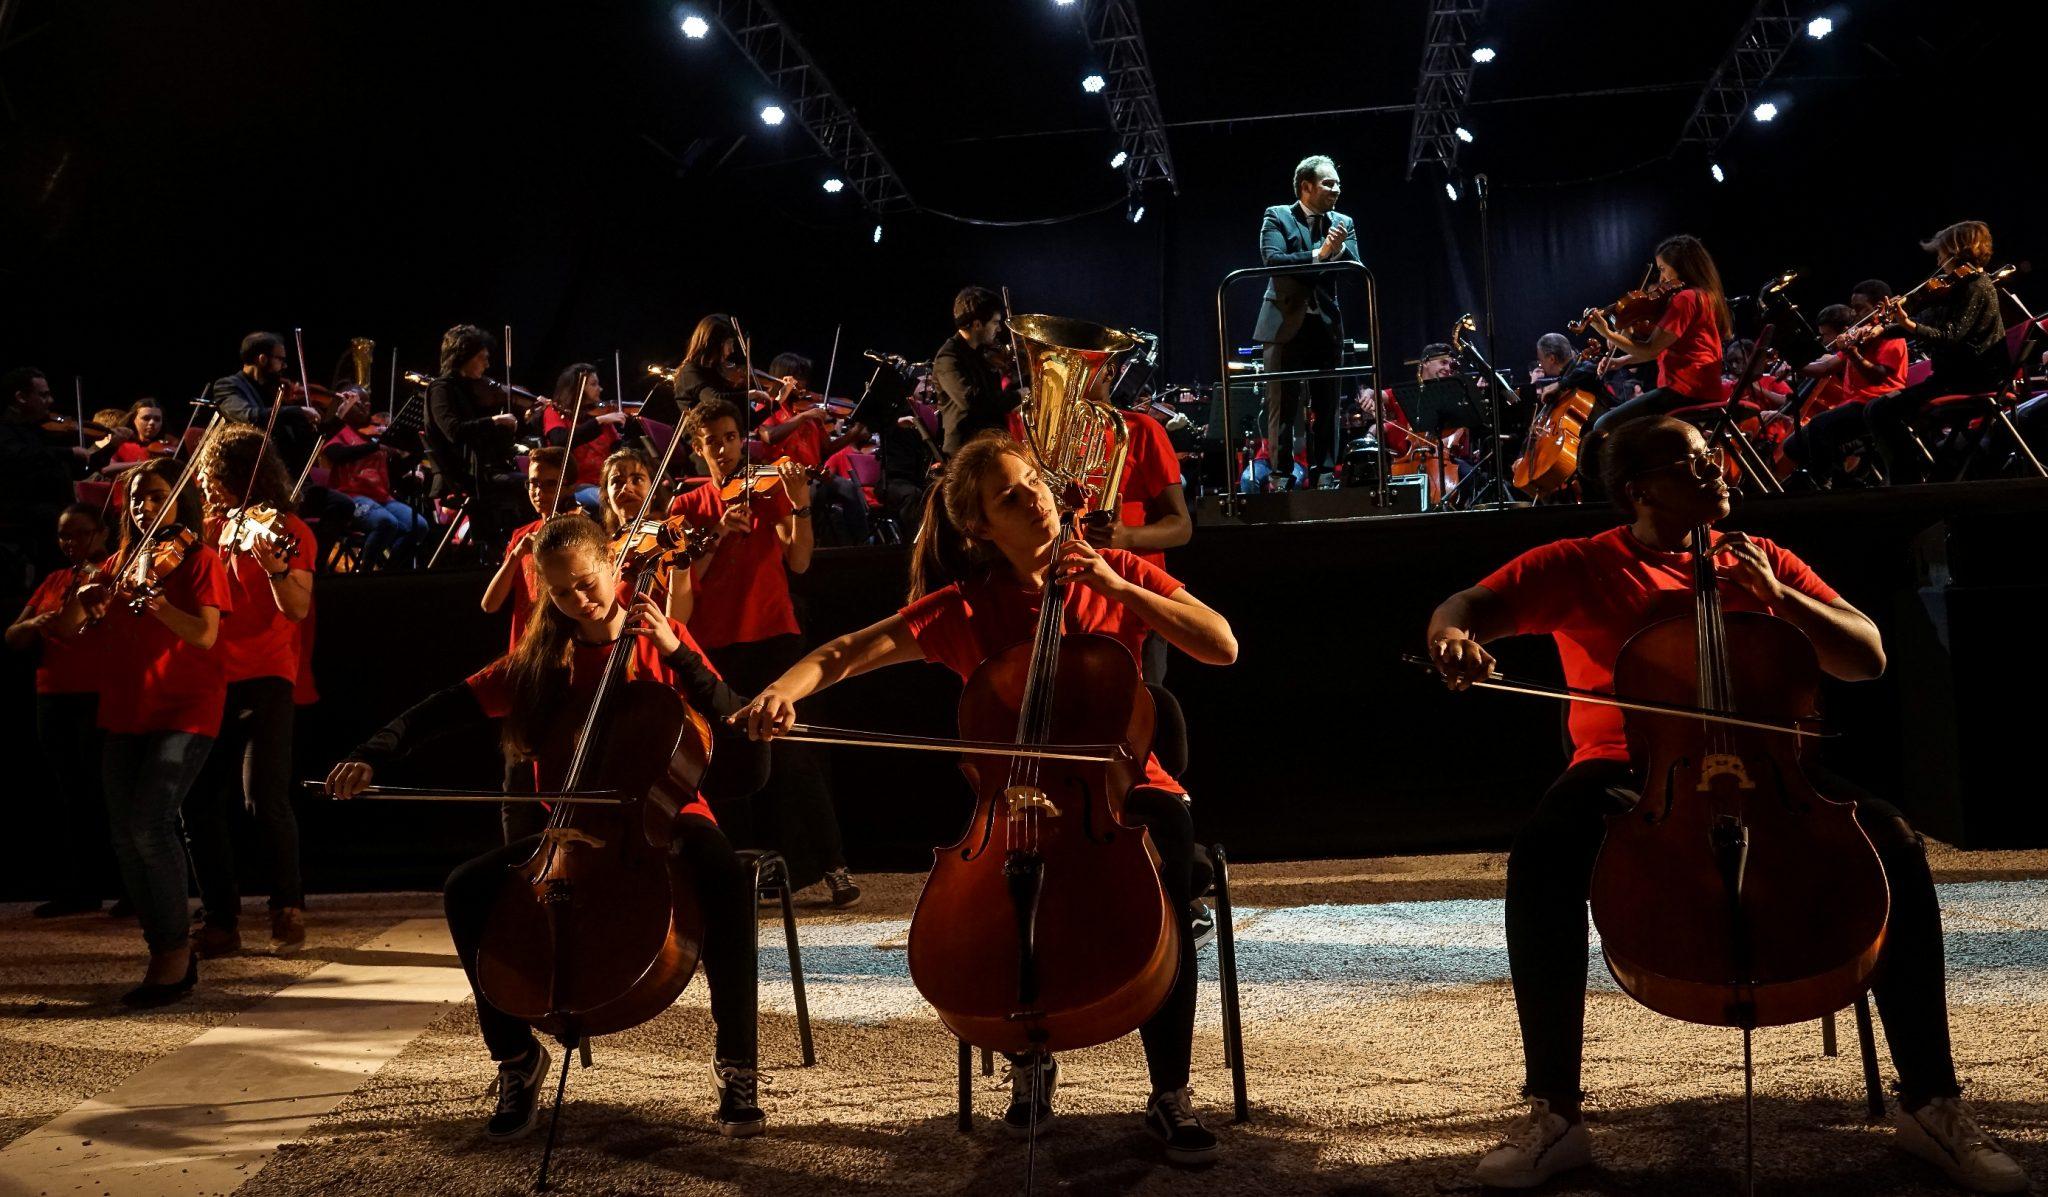 Em primeiro plano e de frente para o observador, três raparigas de t-shirt encarnada tocam violoncelo. Em segundo plano, jovens vestidos da mesma forma tocam violino e, mais atrás, um palco com uma orquestra